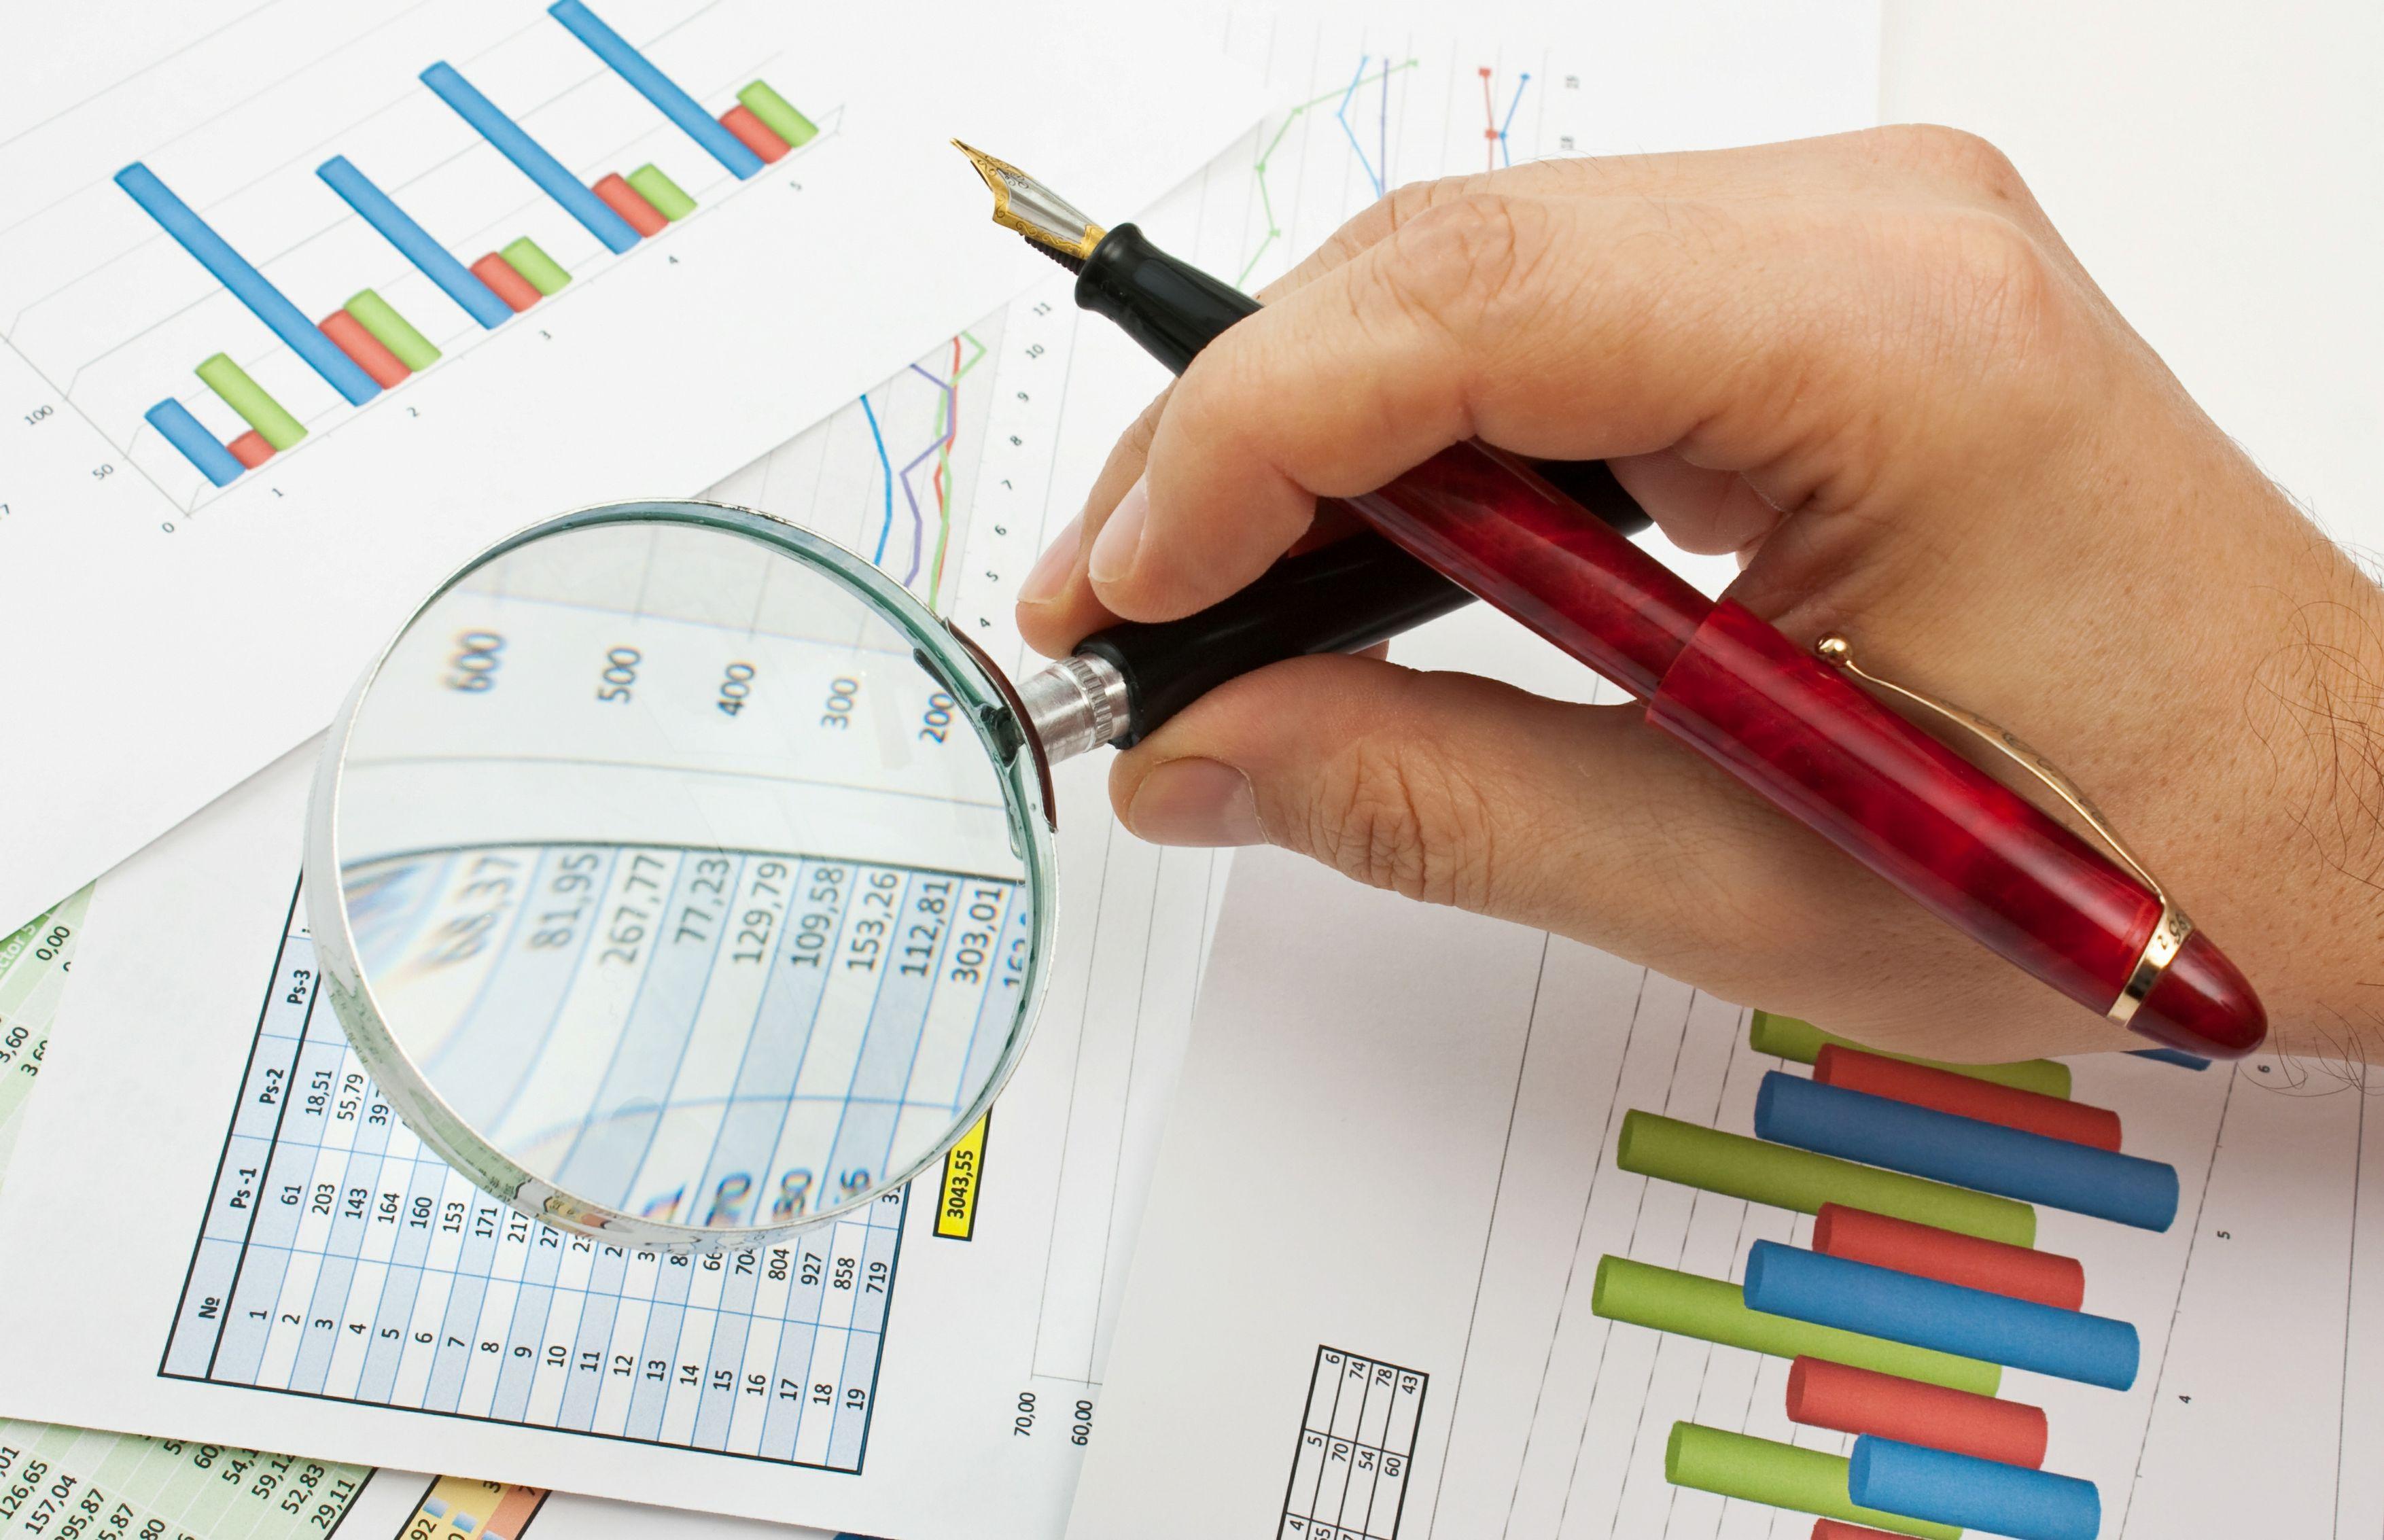 格隆汇港股聚焦(12.4)︱碧桂园11月权益合同销售额升78.22%至601.5亿元 佳兆业集团11月合约销售119.98亿元 按年增加约13.5%